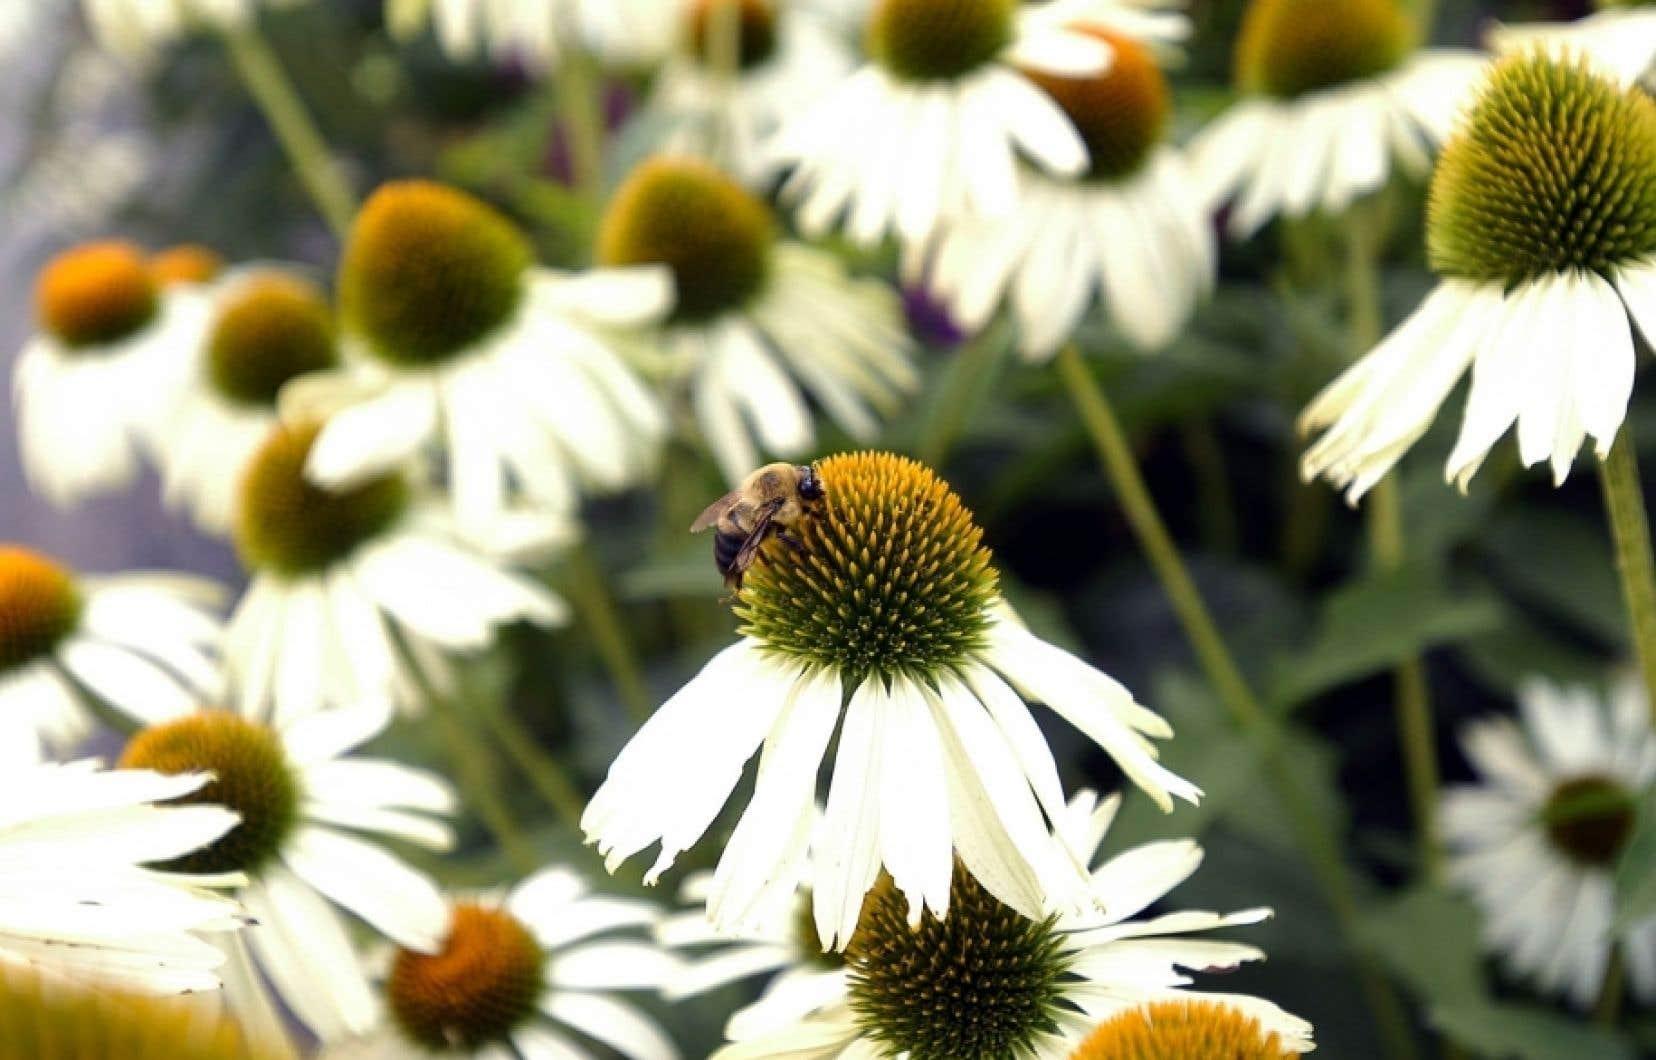 Les abeilles, dont le nombre disparaît dangereusement, sont responsables, par leur pollinisation, de plus d'un tiers de notre alimentation.